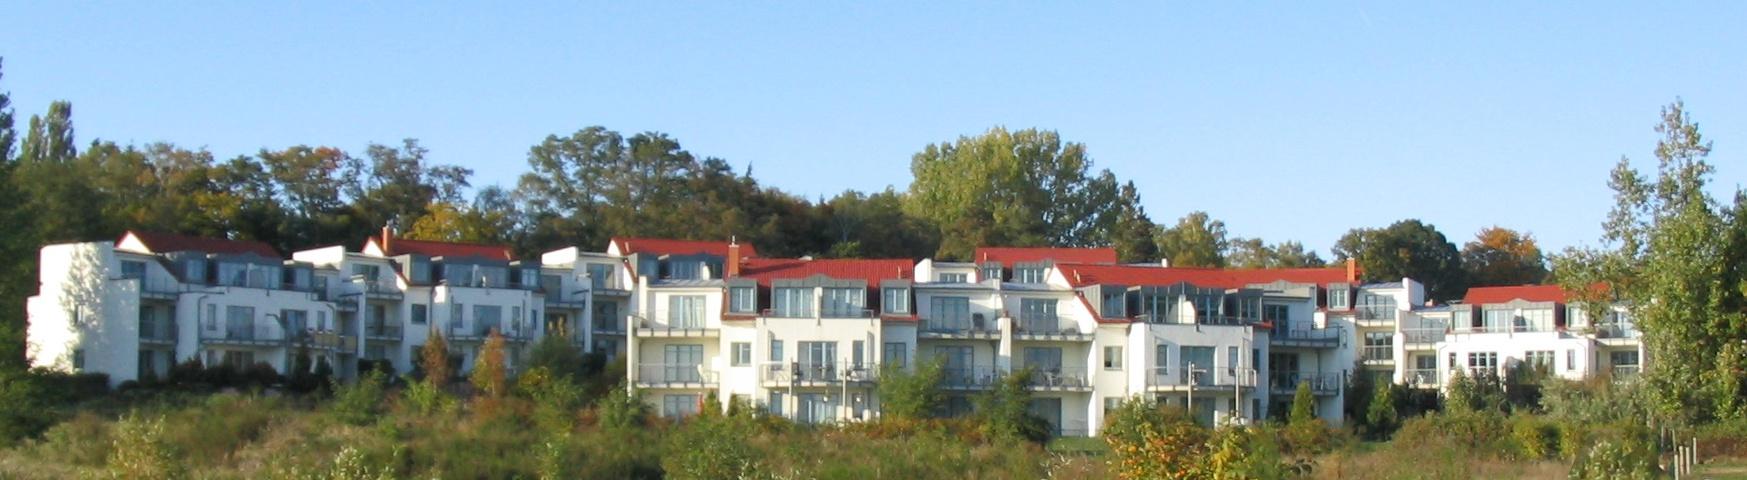 Residenz Bellevue Zinnowitz, Ferienwohnungen Herrmann, Ferienwohnungevermittlung Herrmann, exklusive Ferienwohnungen in Zinnowitz in der Residenz Bellevue